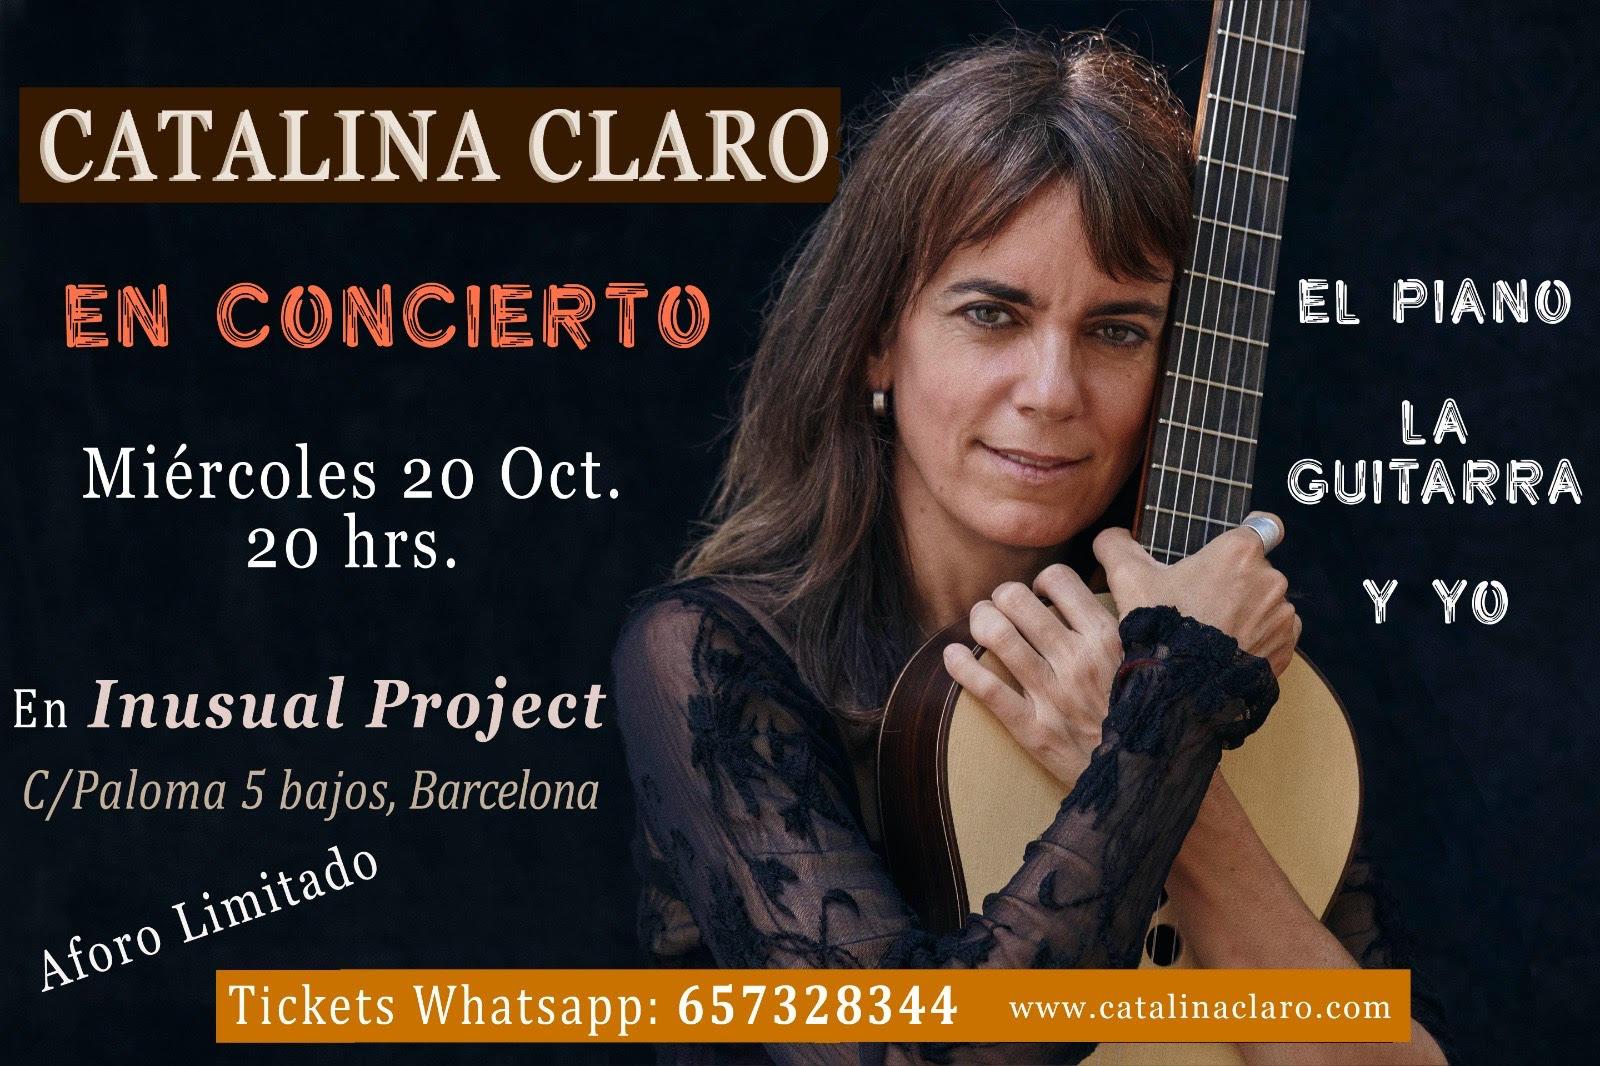 concierto barcelona 20 octubre 2021 catalina claro